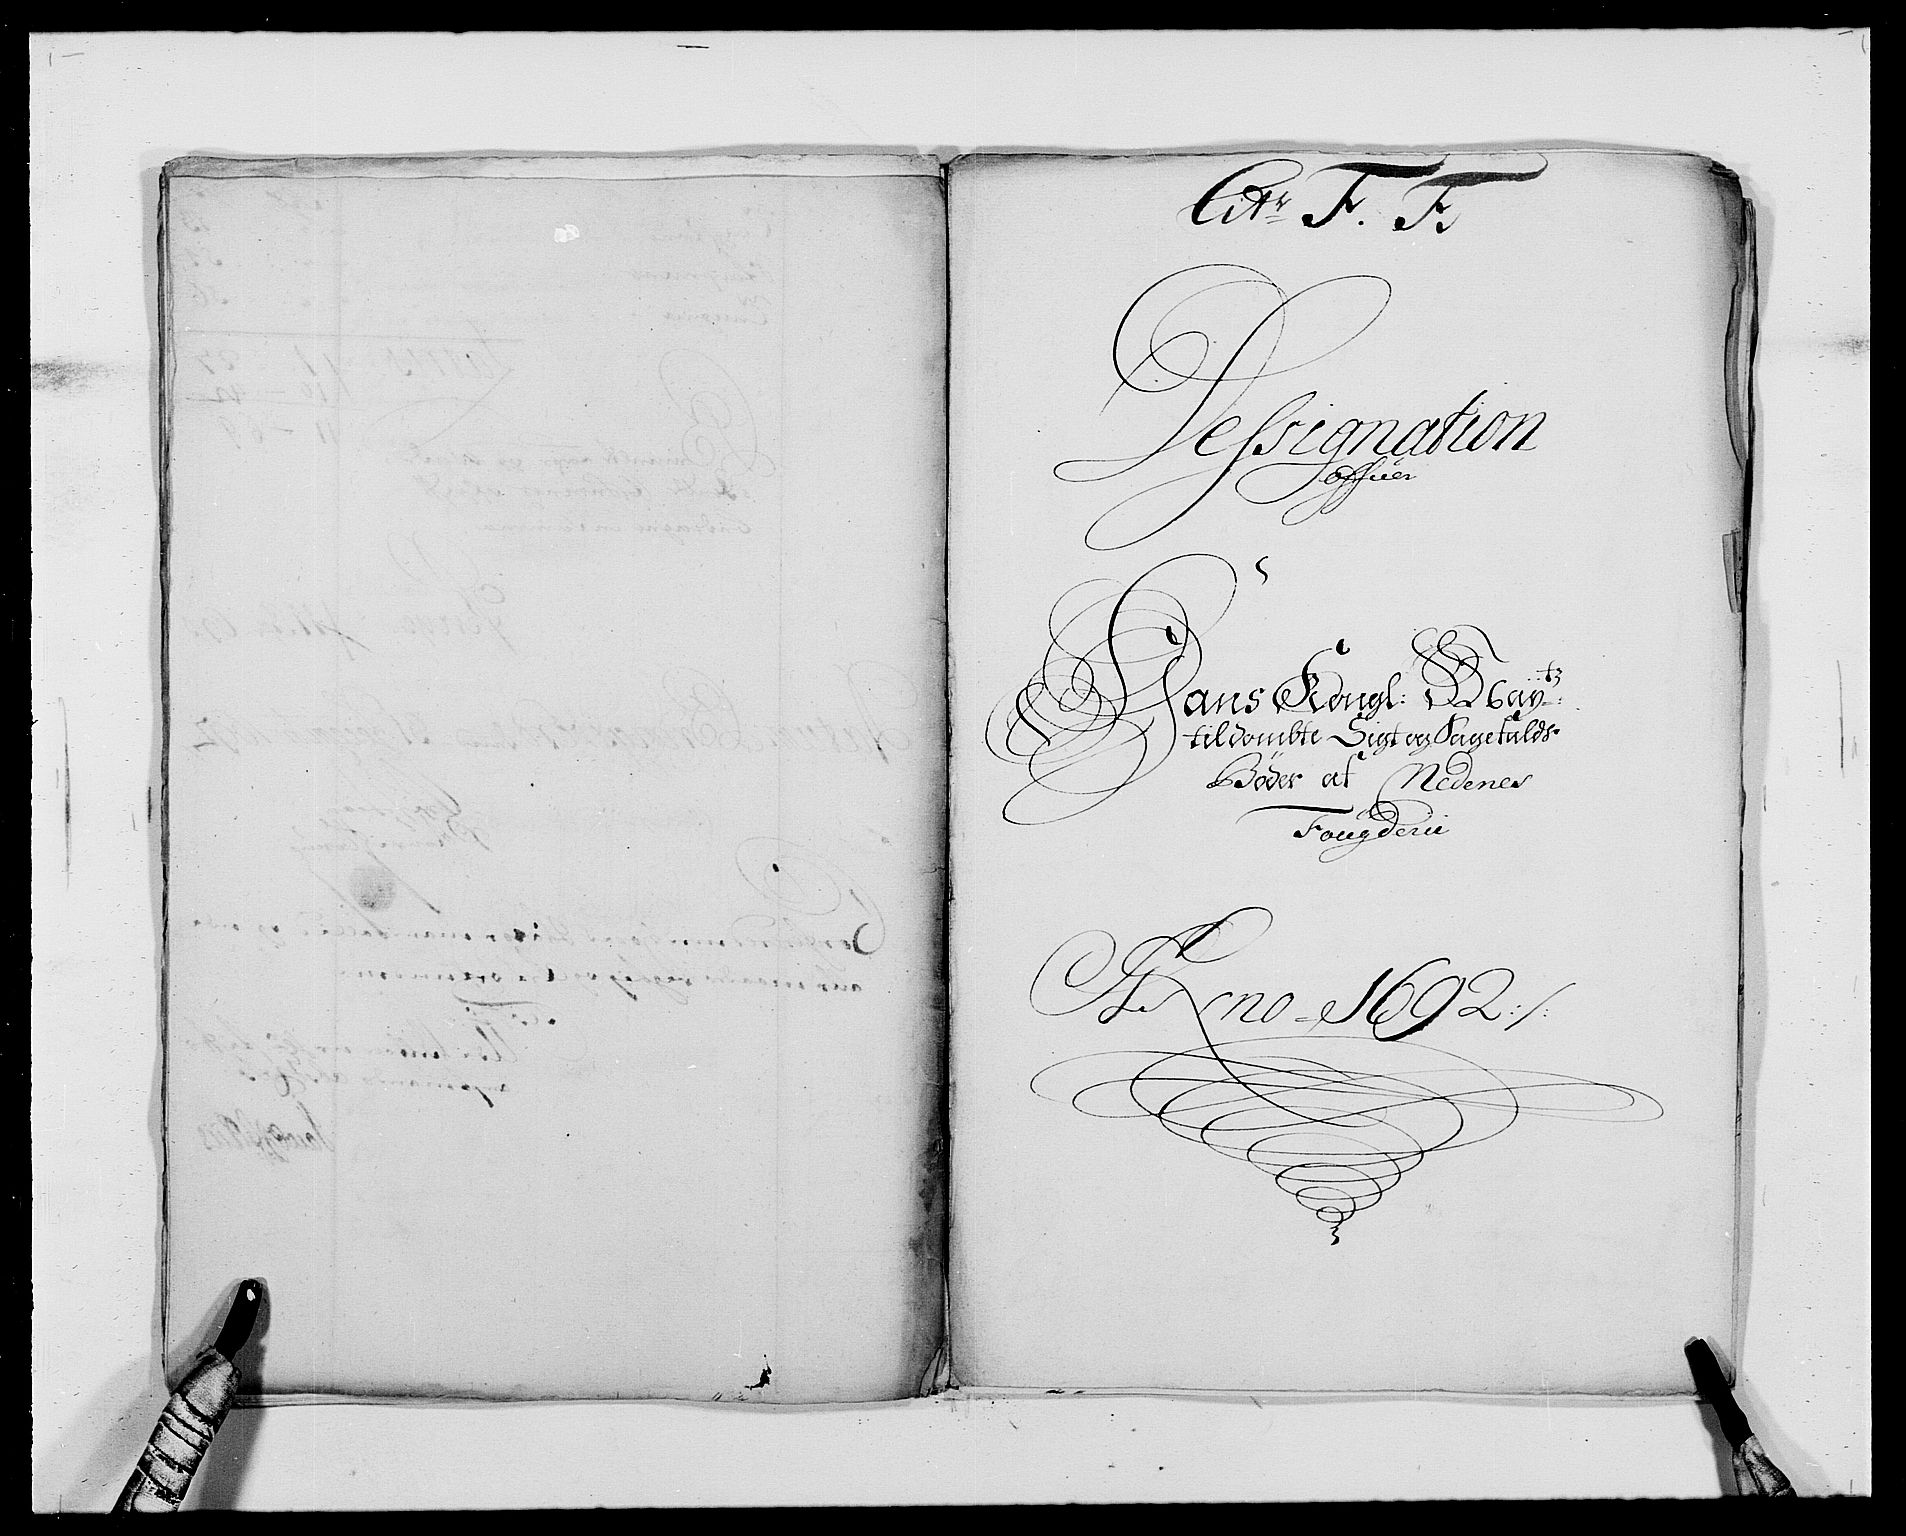 RA, Rentekammeret inntil 1814, Reviderte regnskaper, Fogderegnskap, R39/L2311: Fogderegnskap Nedenes, 1690-1692, s. 158